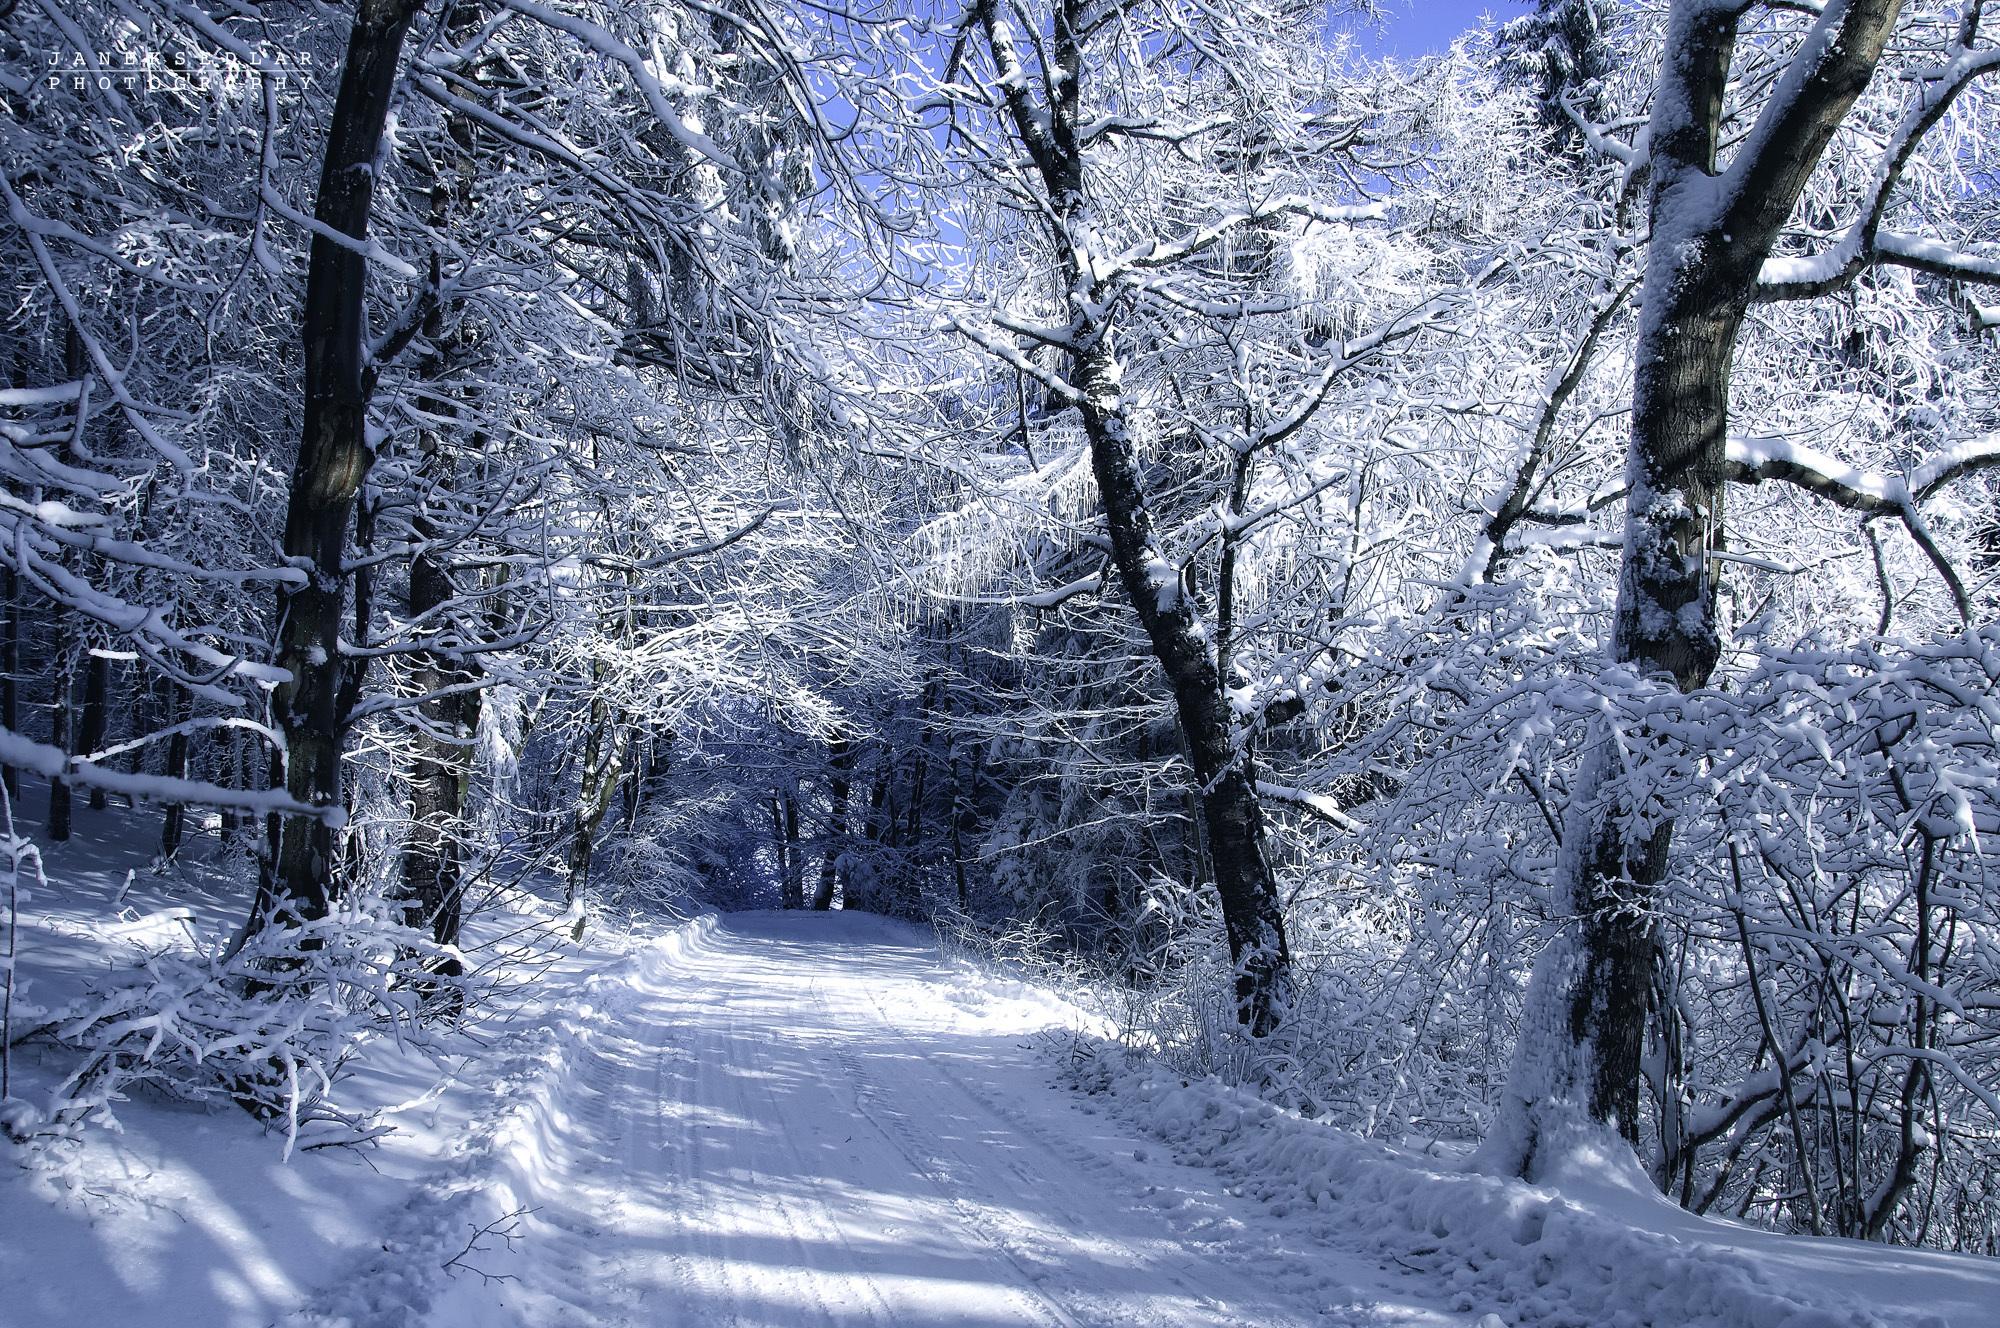 18659 скачать обои Пейзаж, Зима, Деревья, Дороги, Снег - заставки и картинки бесплатно